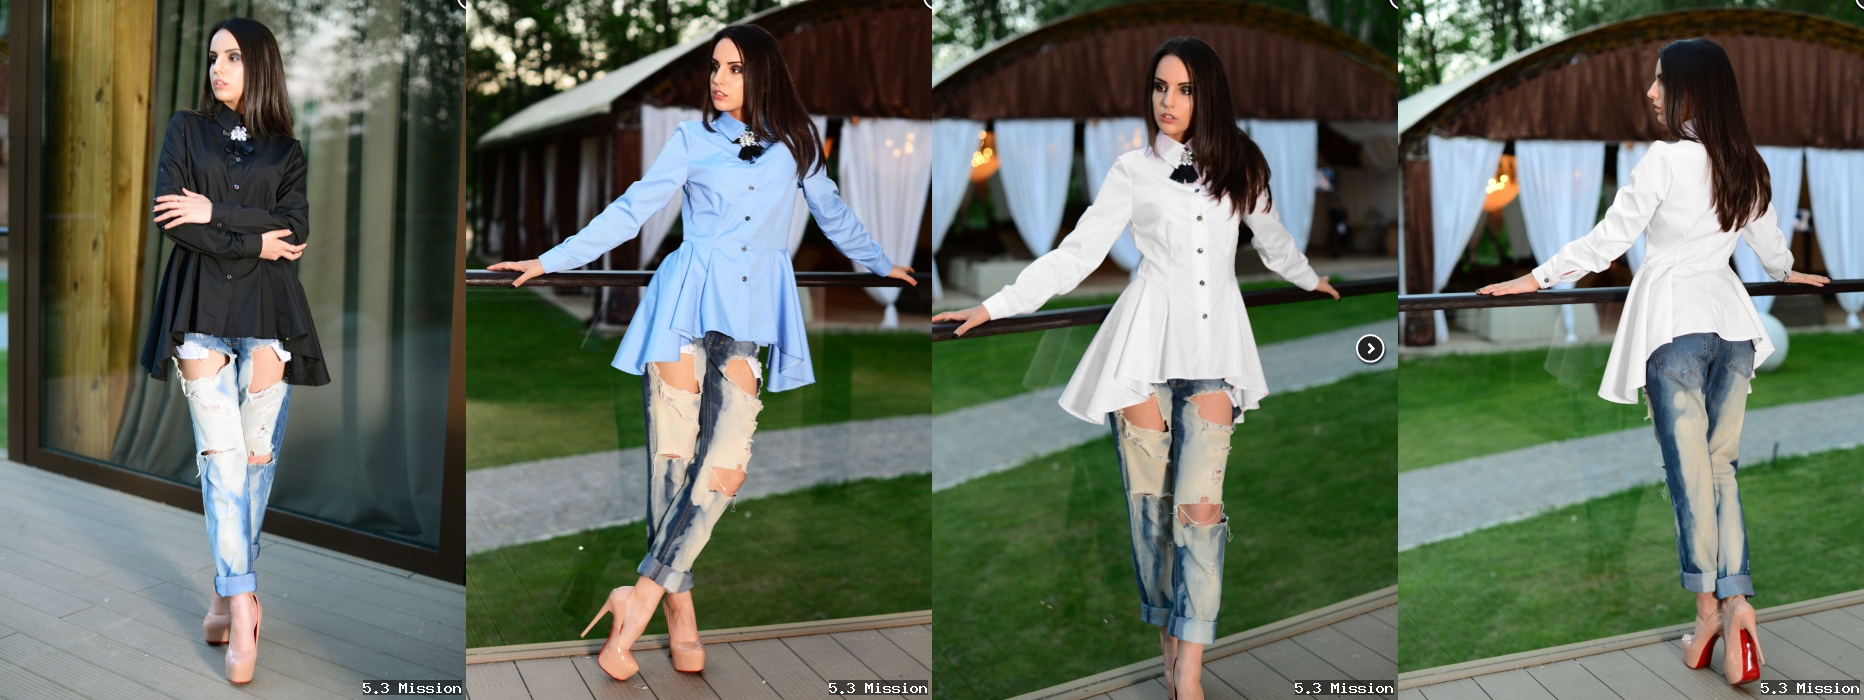 Сбор заказов. Девушка с обложки 4. 53 Mission - проверенное качество трендовой одежды по приятной цене: легинсы от 5$, платья от 7$, свитера, кофты, свитшоты от 7$, костюмы от 10$